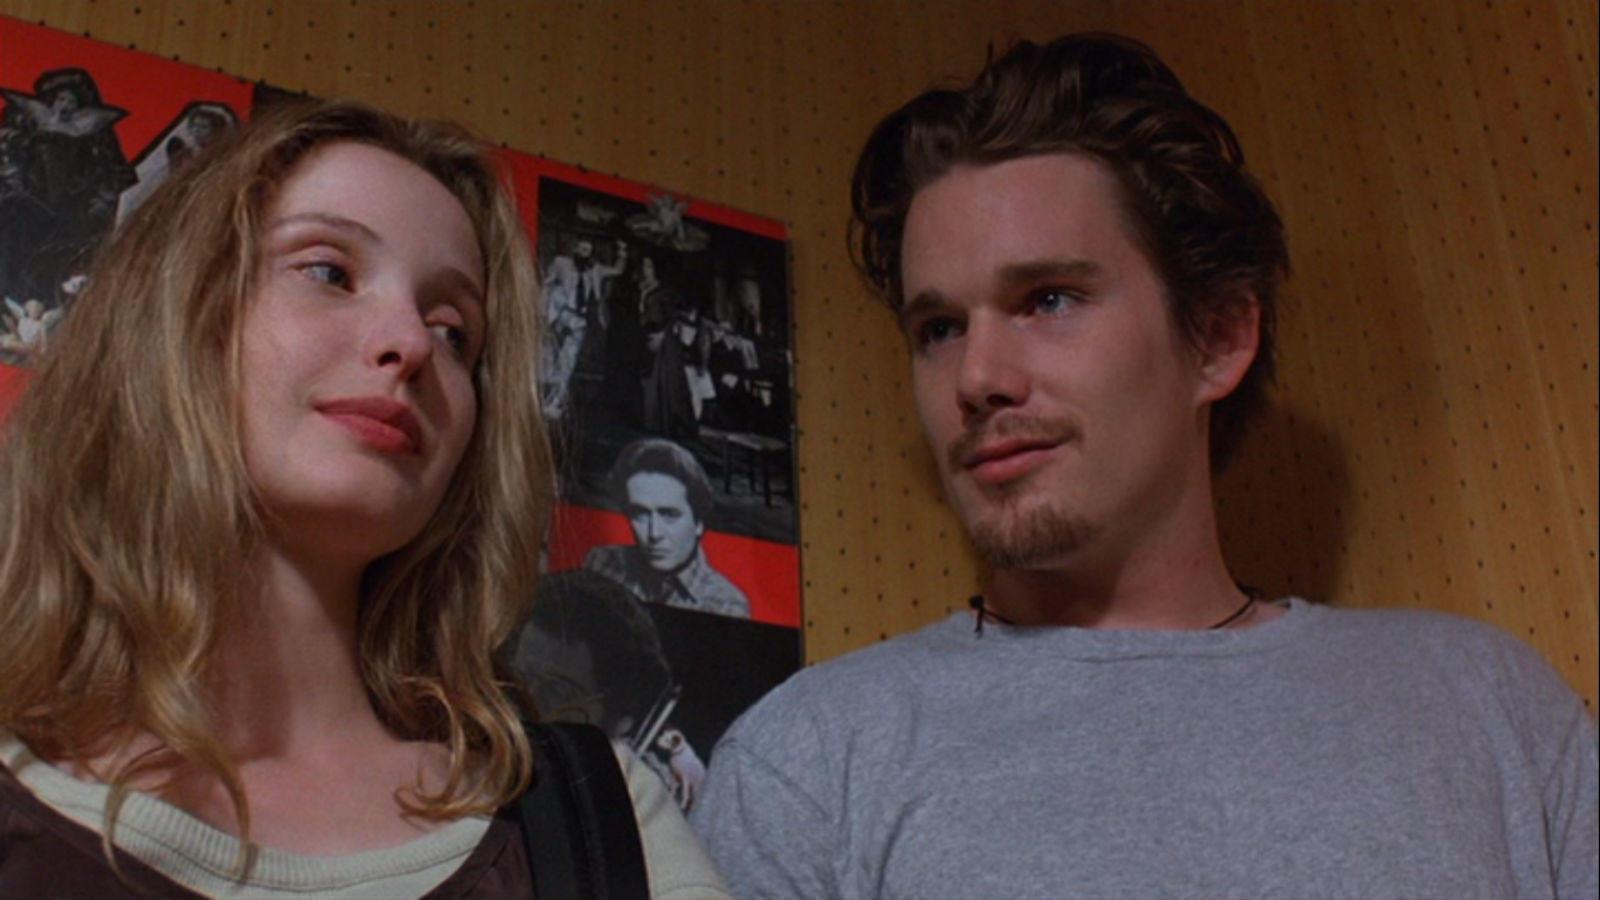 Jesse (Ethan Hawke) és Celine (Julie Delpy) egy Bécsbe tartó vonaton találkoznak, és miután megérkeznek, egy egész éjszakán át sétálnak a városban. Természetesen egymásba szeretnek, de Jesse-nek vissza kell mennie az Egyesült Államokba, Celine-nek pedig Párizsba. Olyan jól sikerült az egész éjszakás első randi, hogy két folytatást is kapott. (SPE)